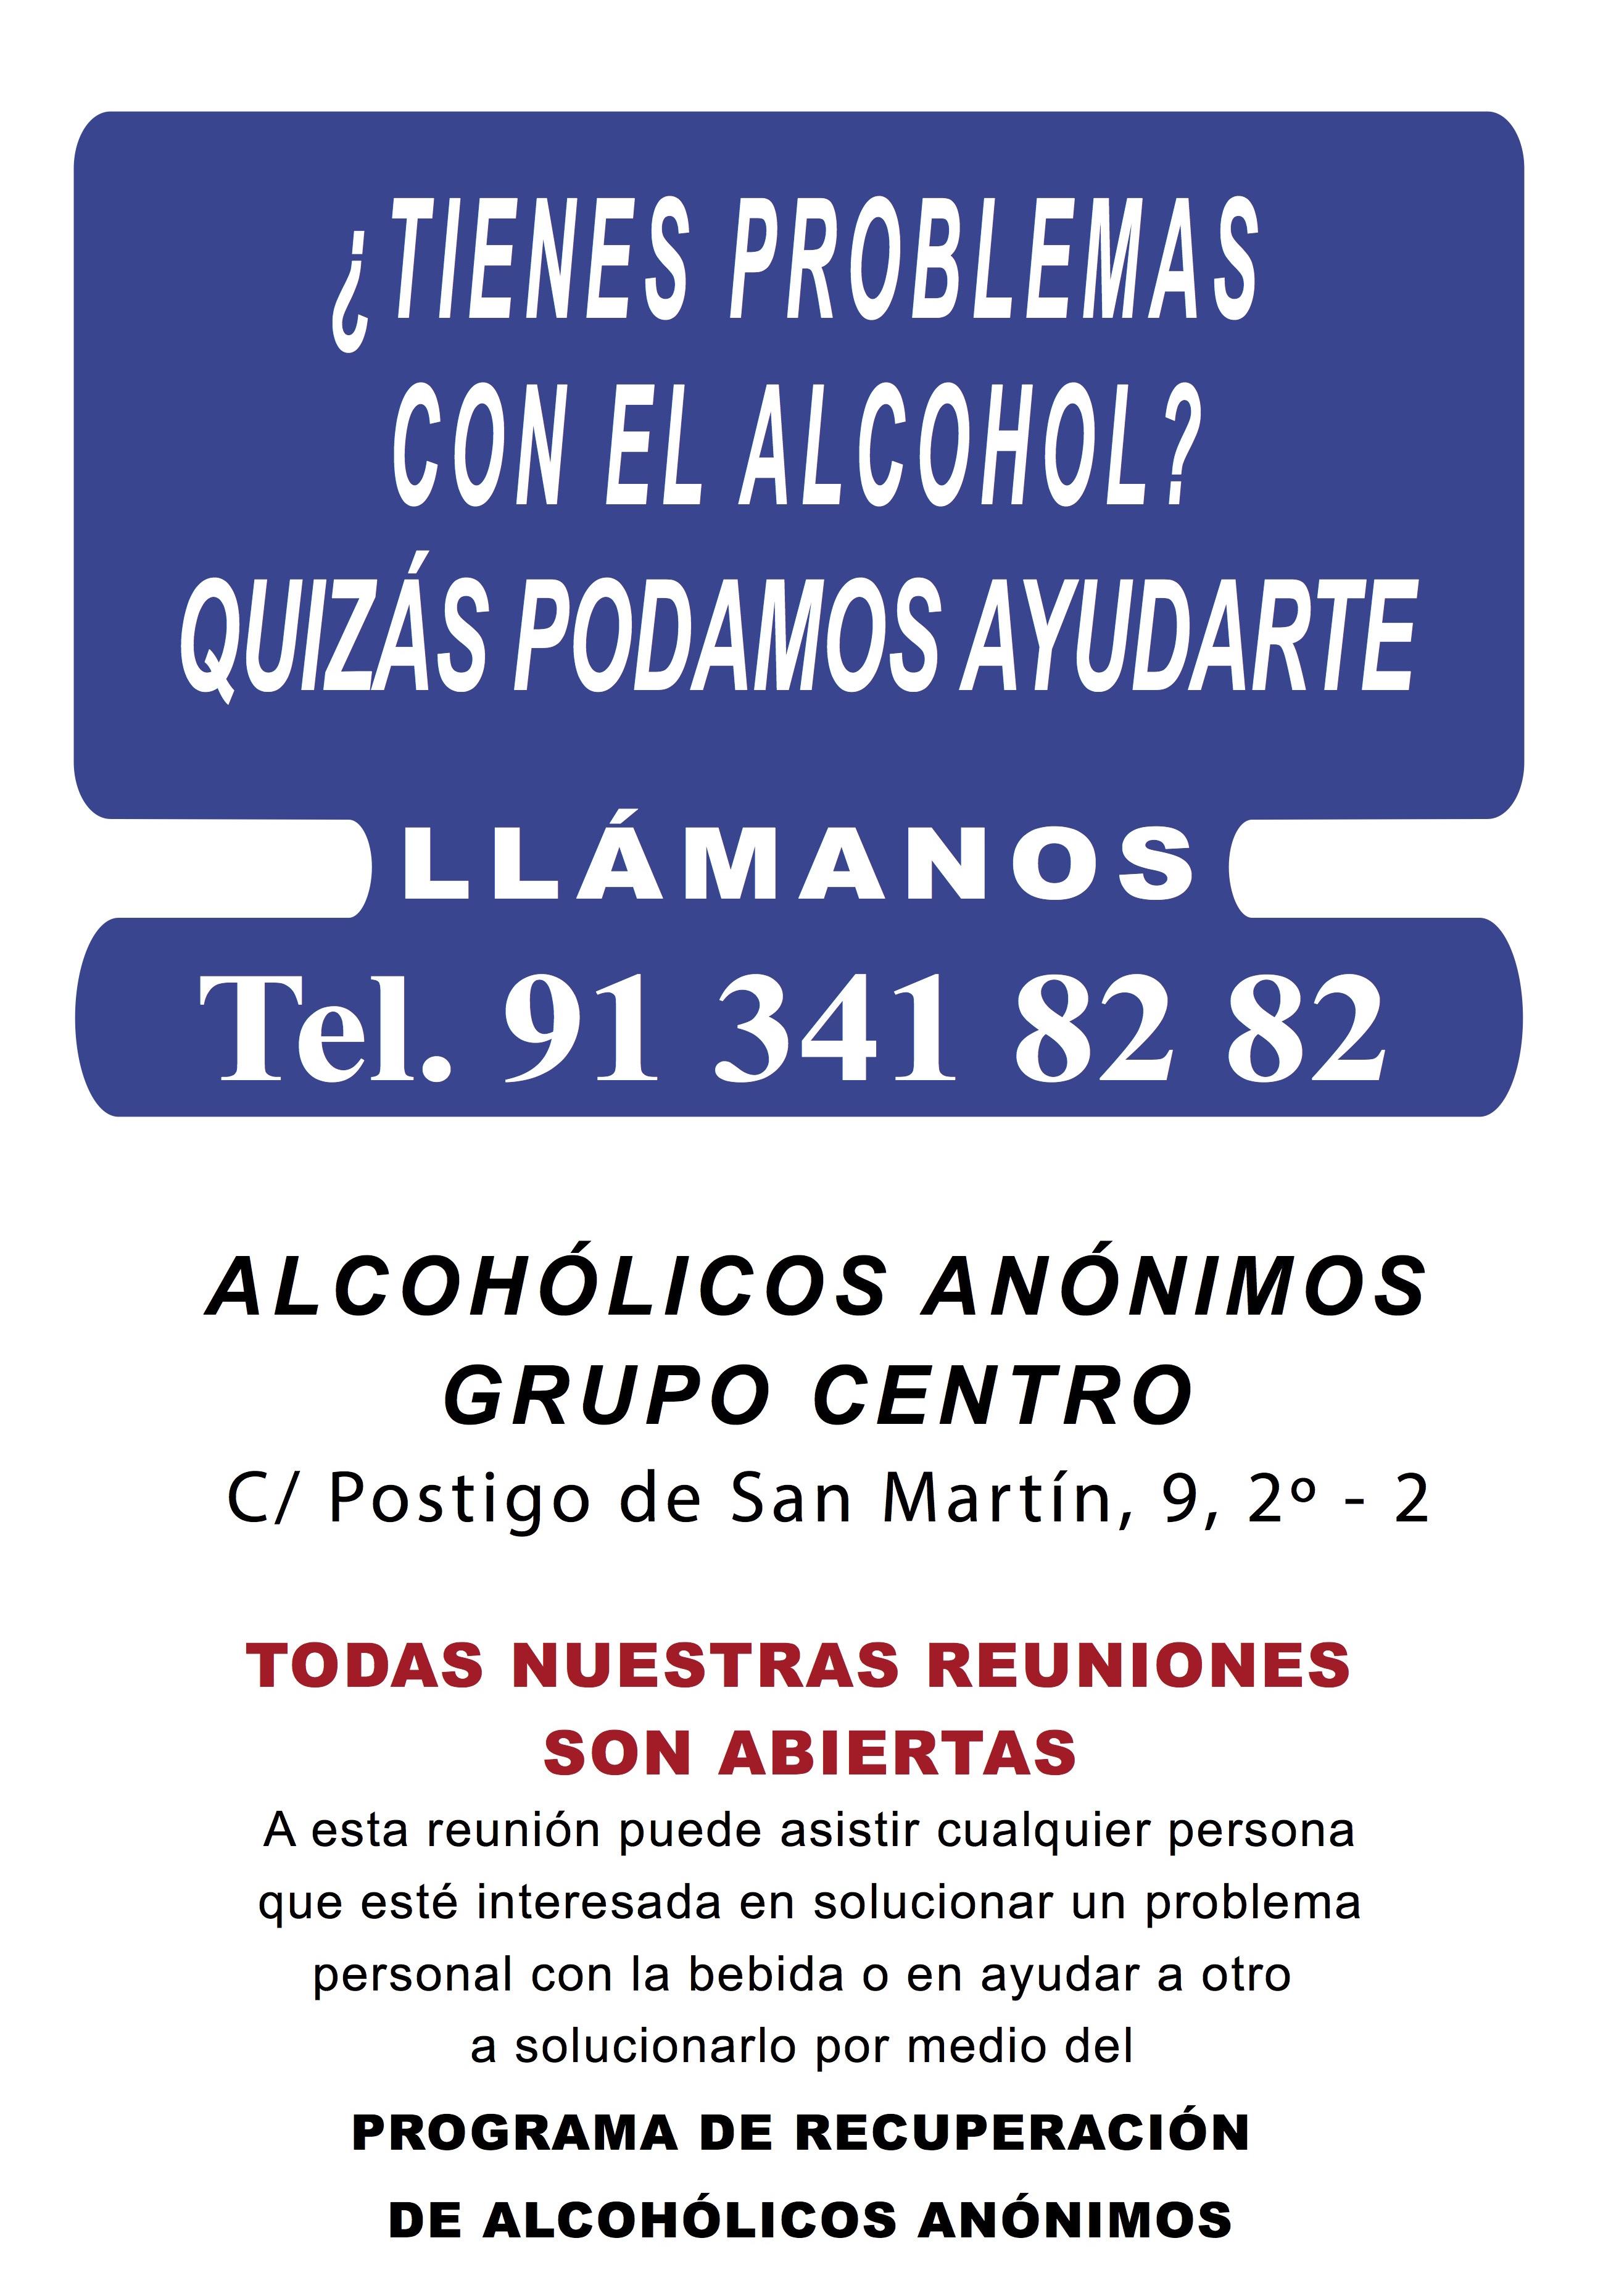 La conclusión por el alcoholismo